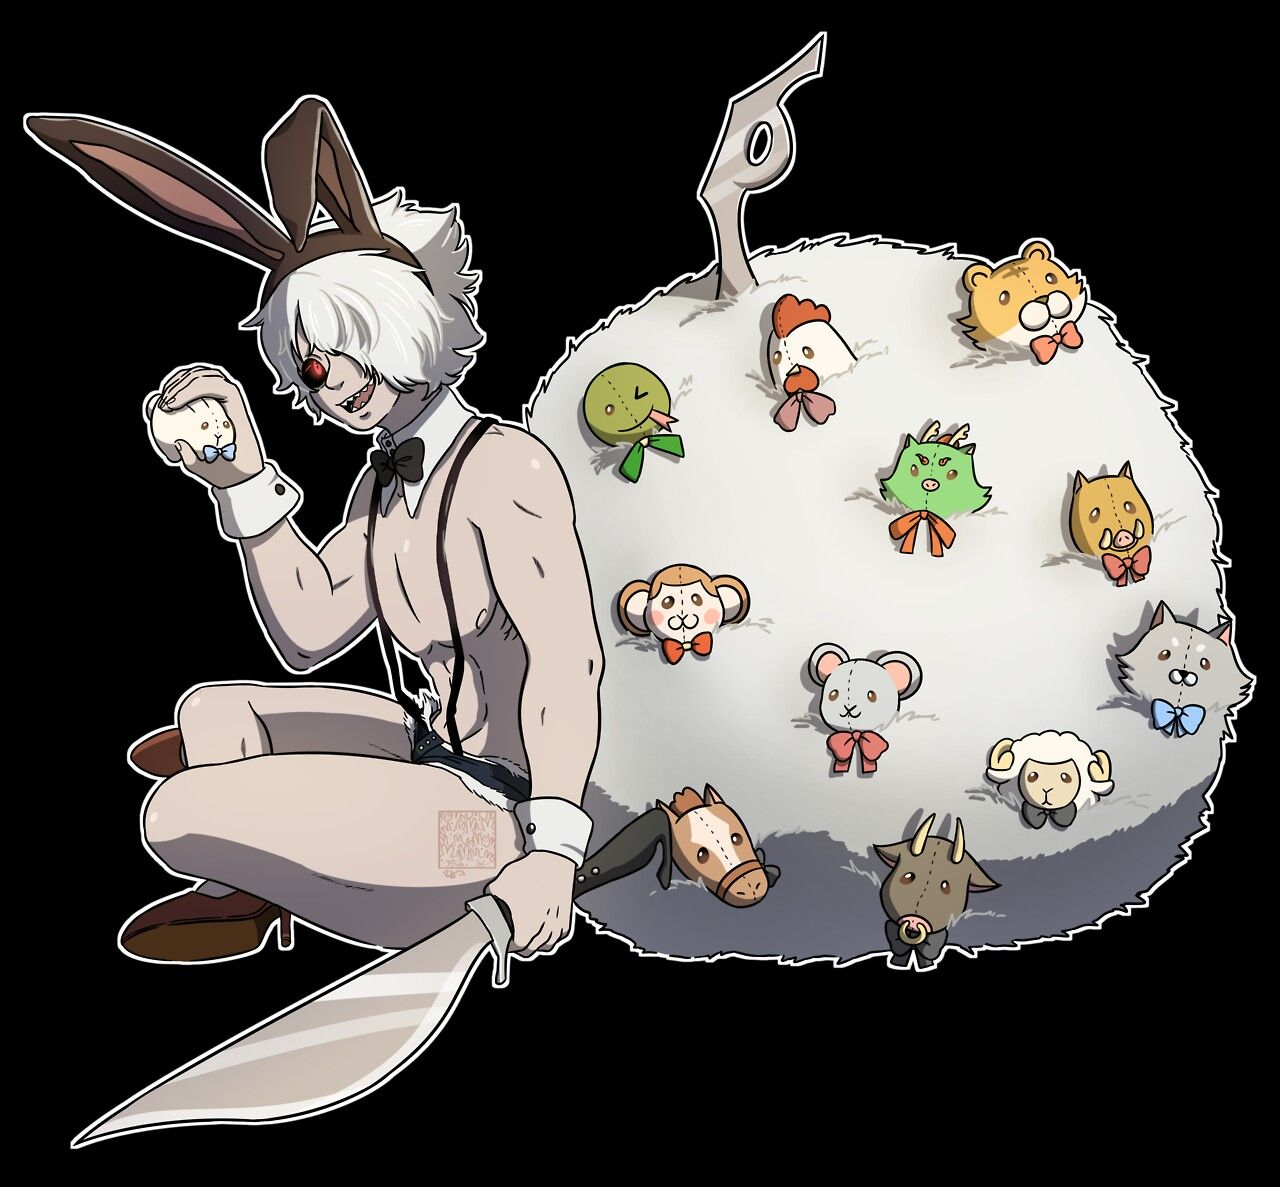 juuni taisen bunny